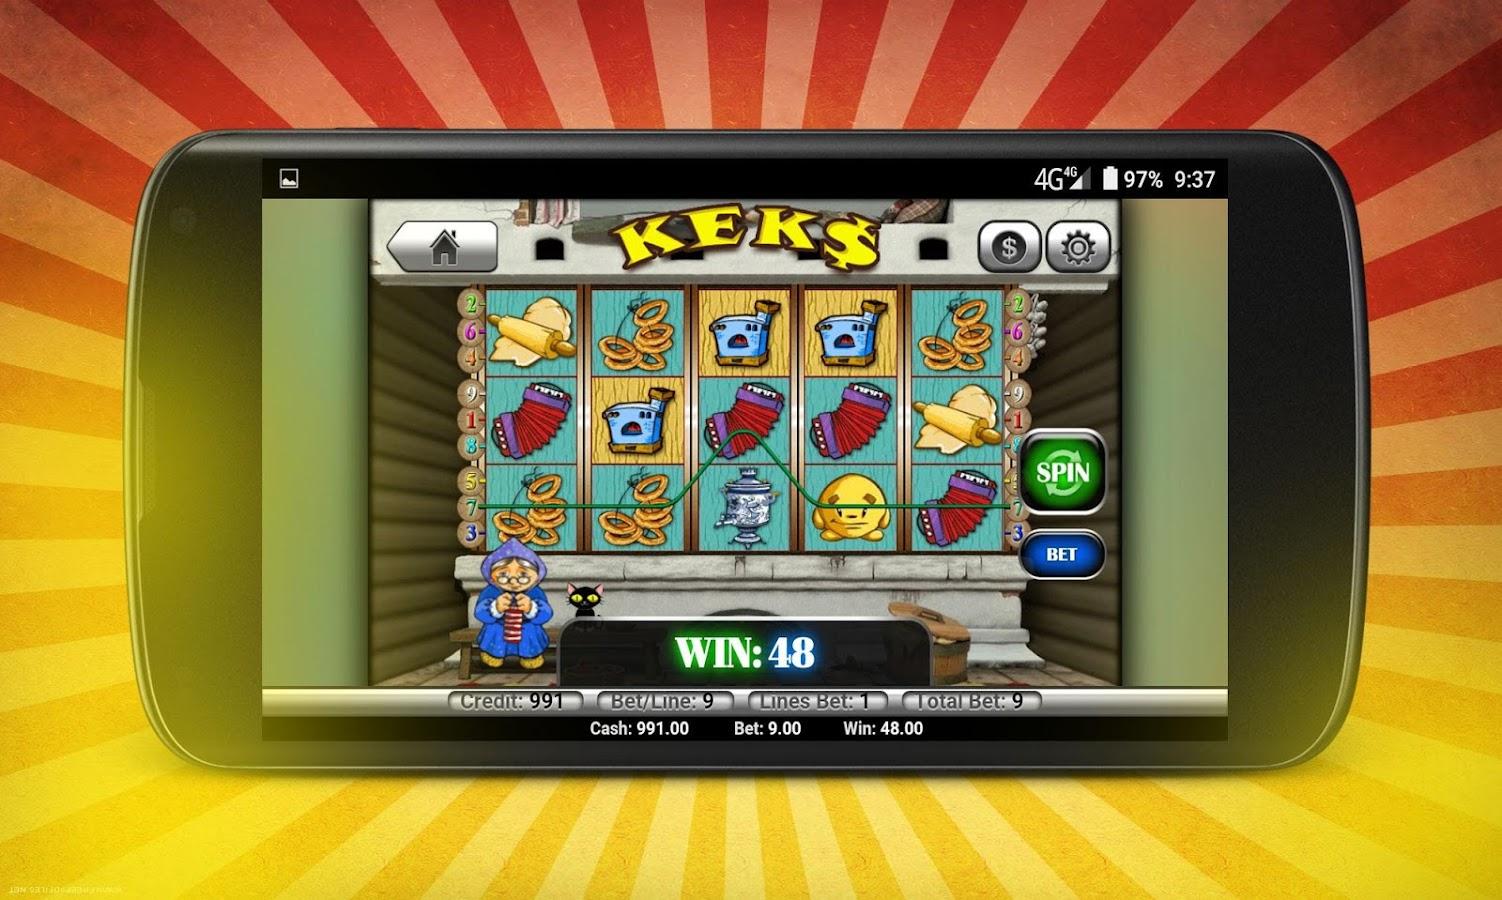 официальный сайт казино удача игровые автоматы